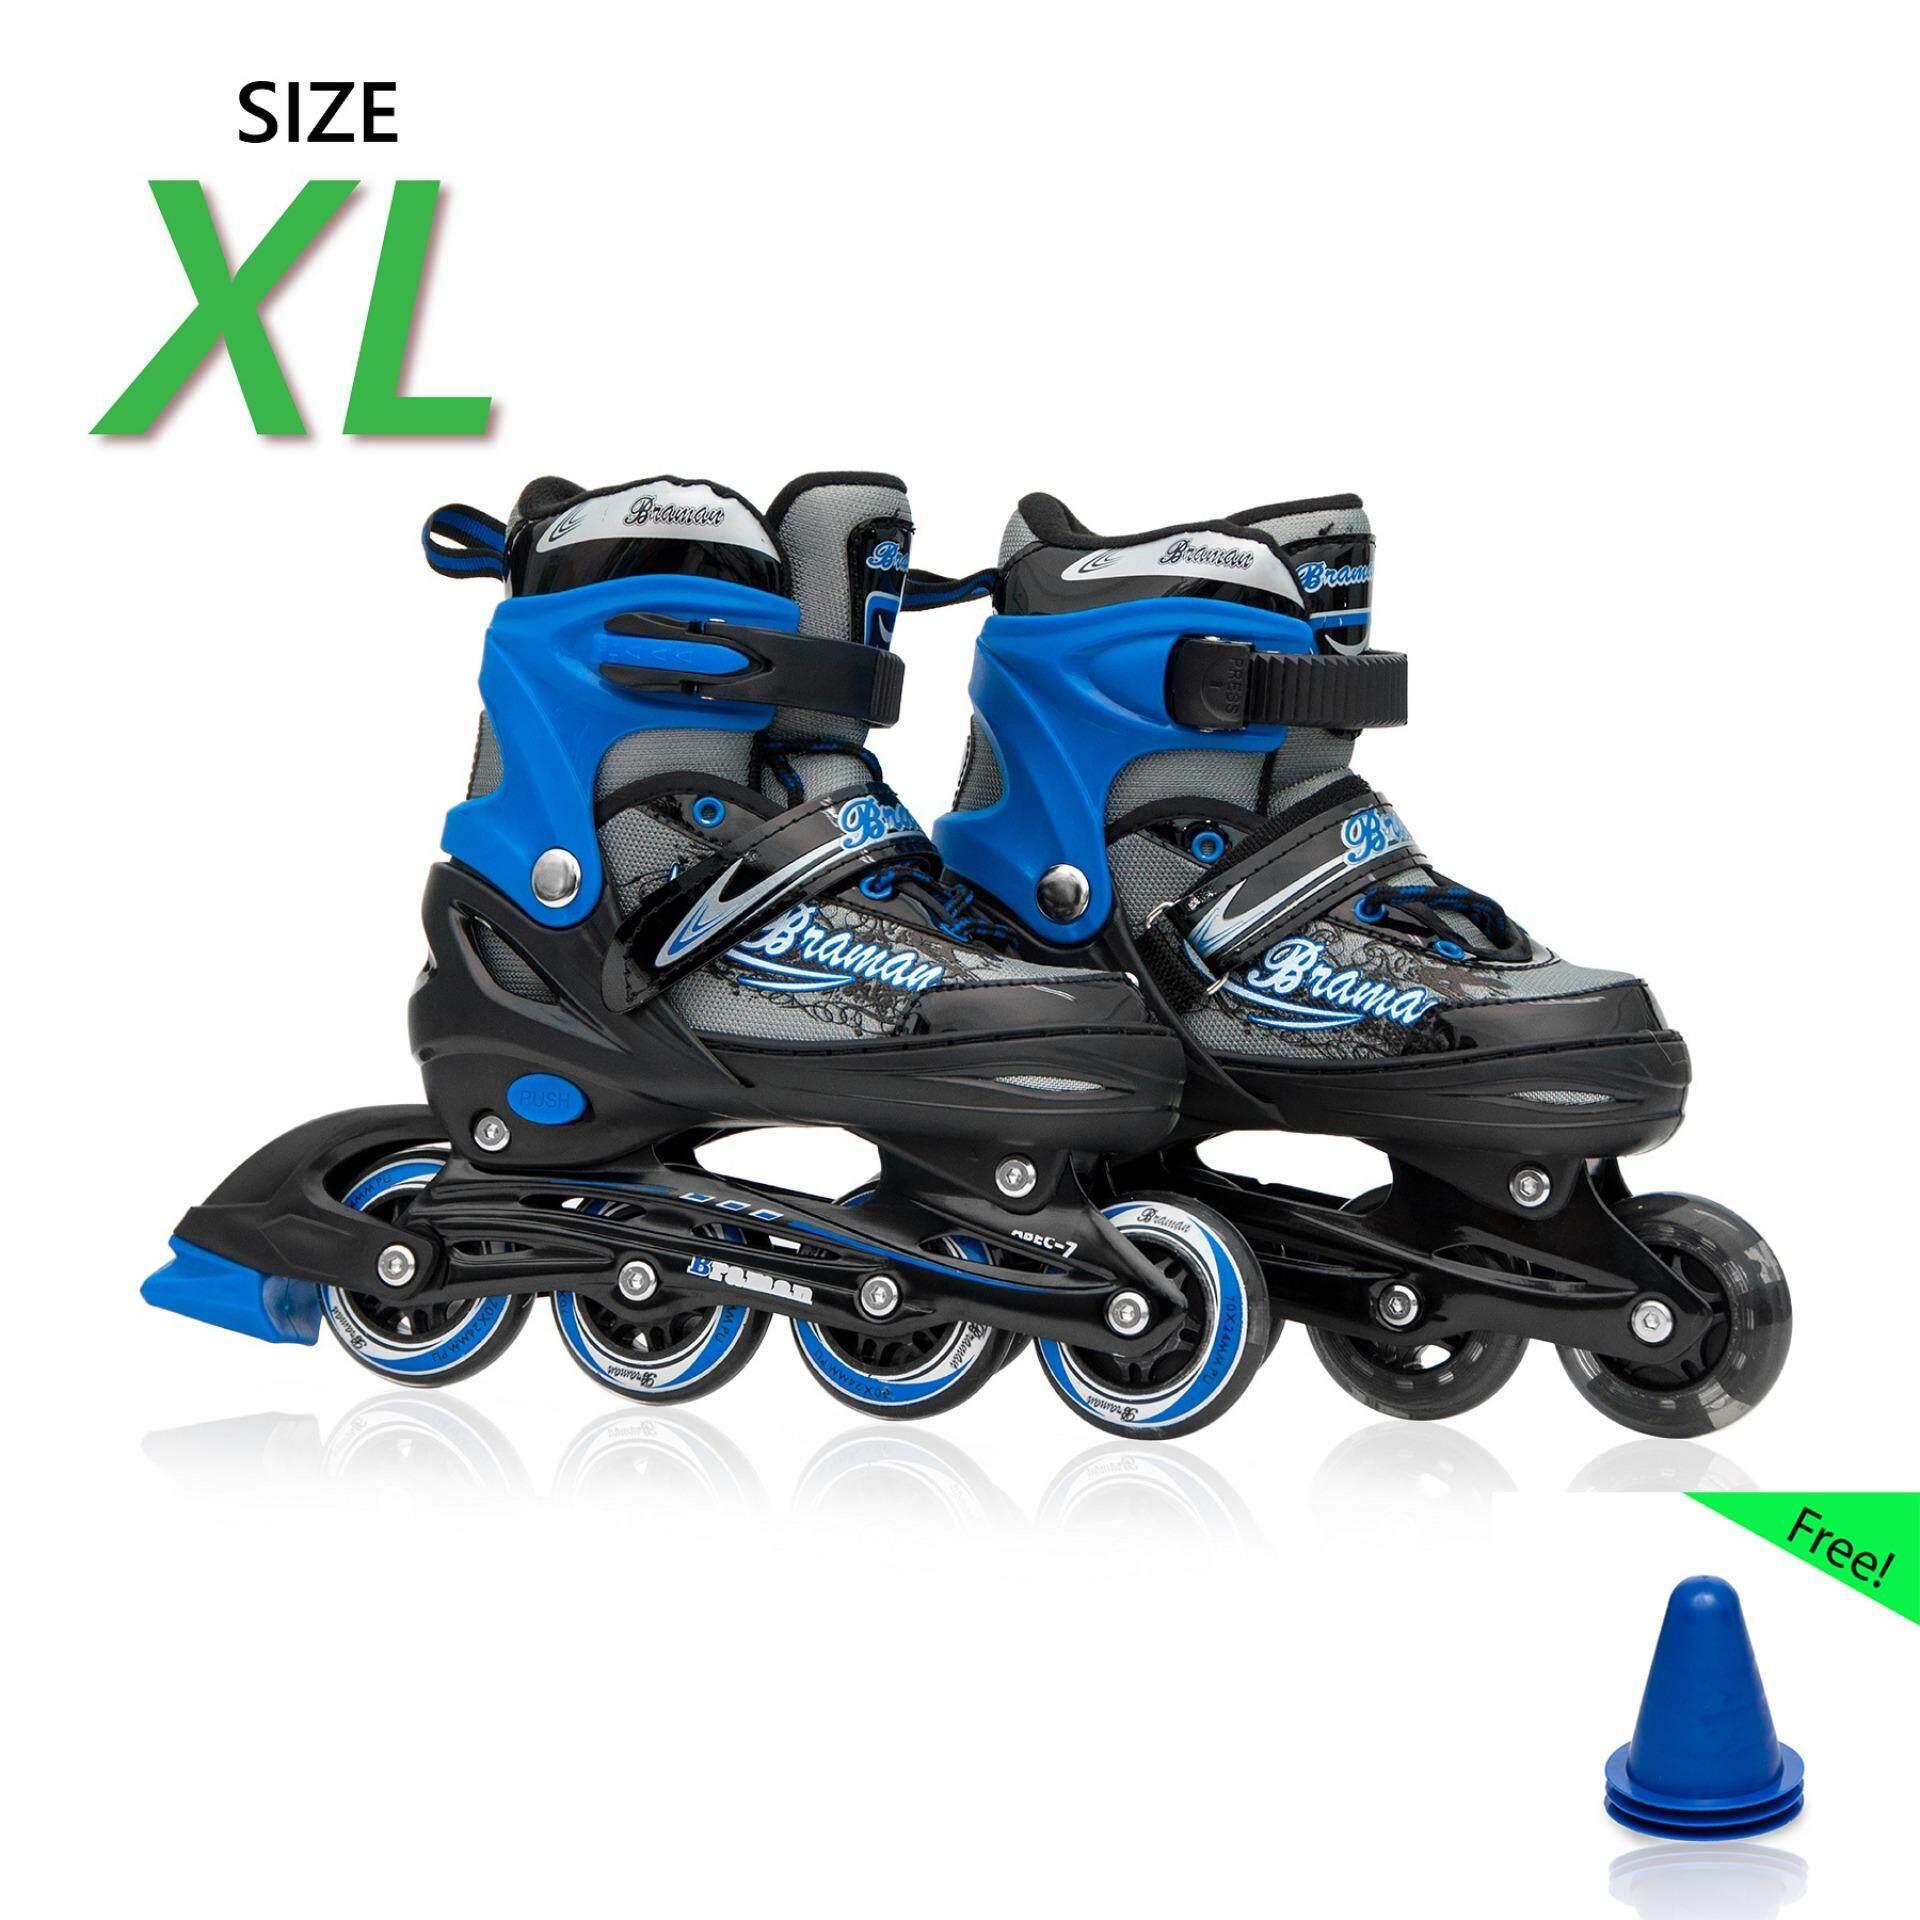 รองเท้าอินไลน์สเก็ต Premium Inline Skate Braman Aluminium Tracks & Abec-7 Wheels With Lights 0415b Warranty 1 Year. เบอร์ 37-44 (black Xl)